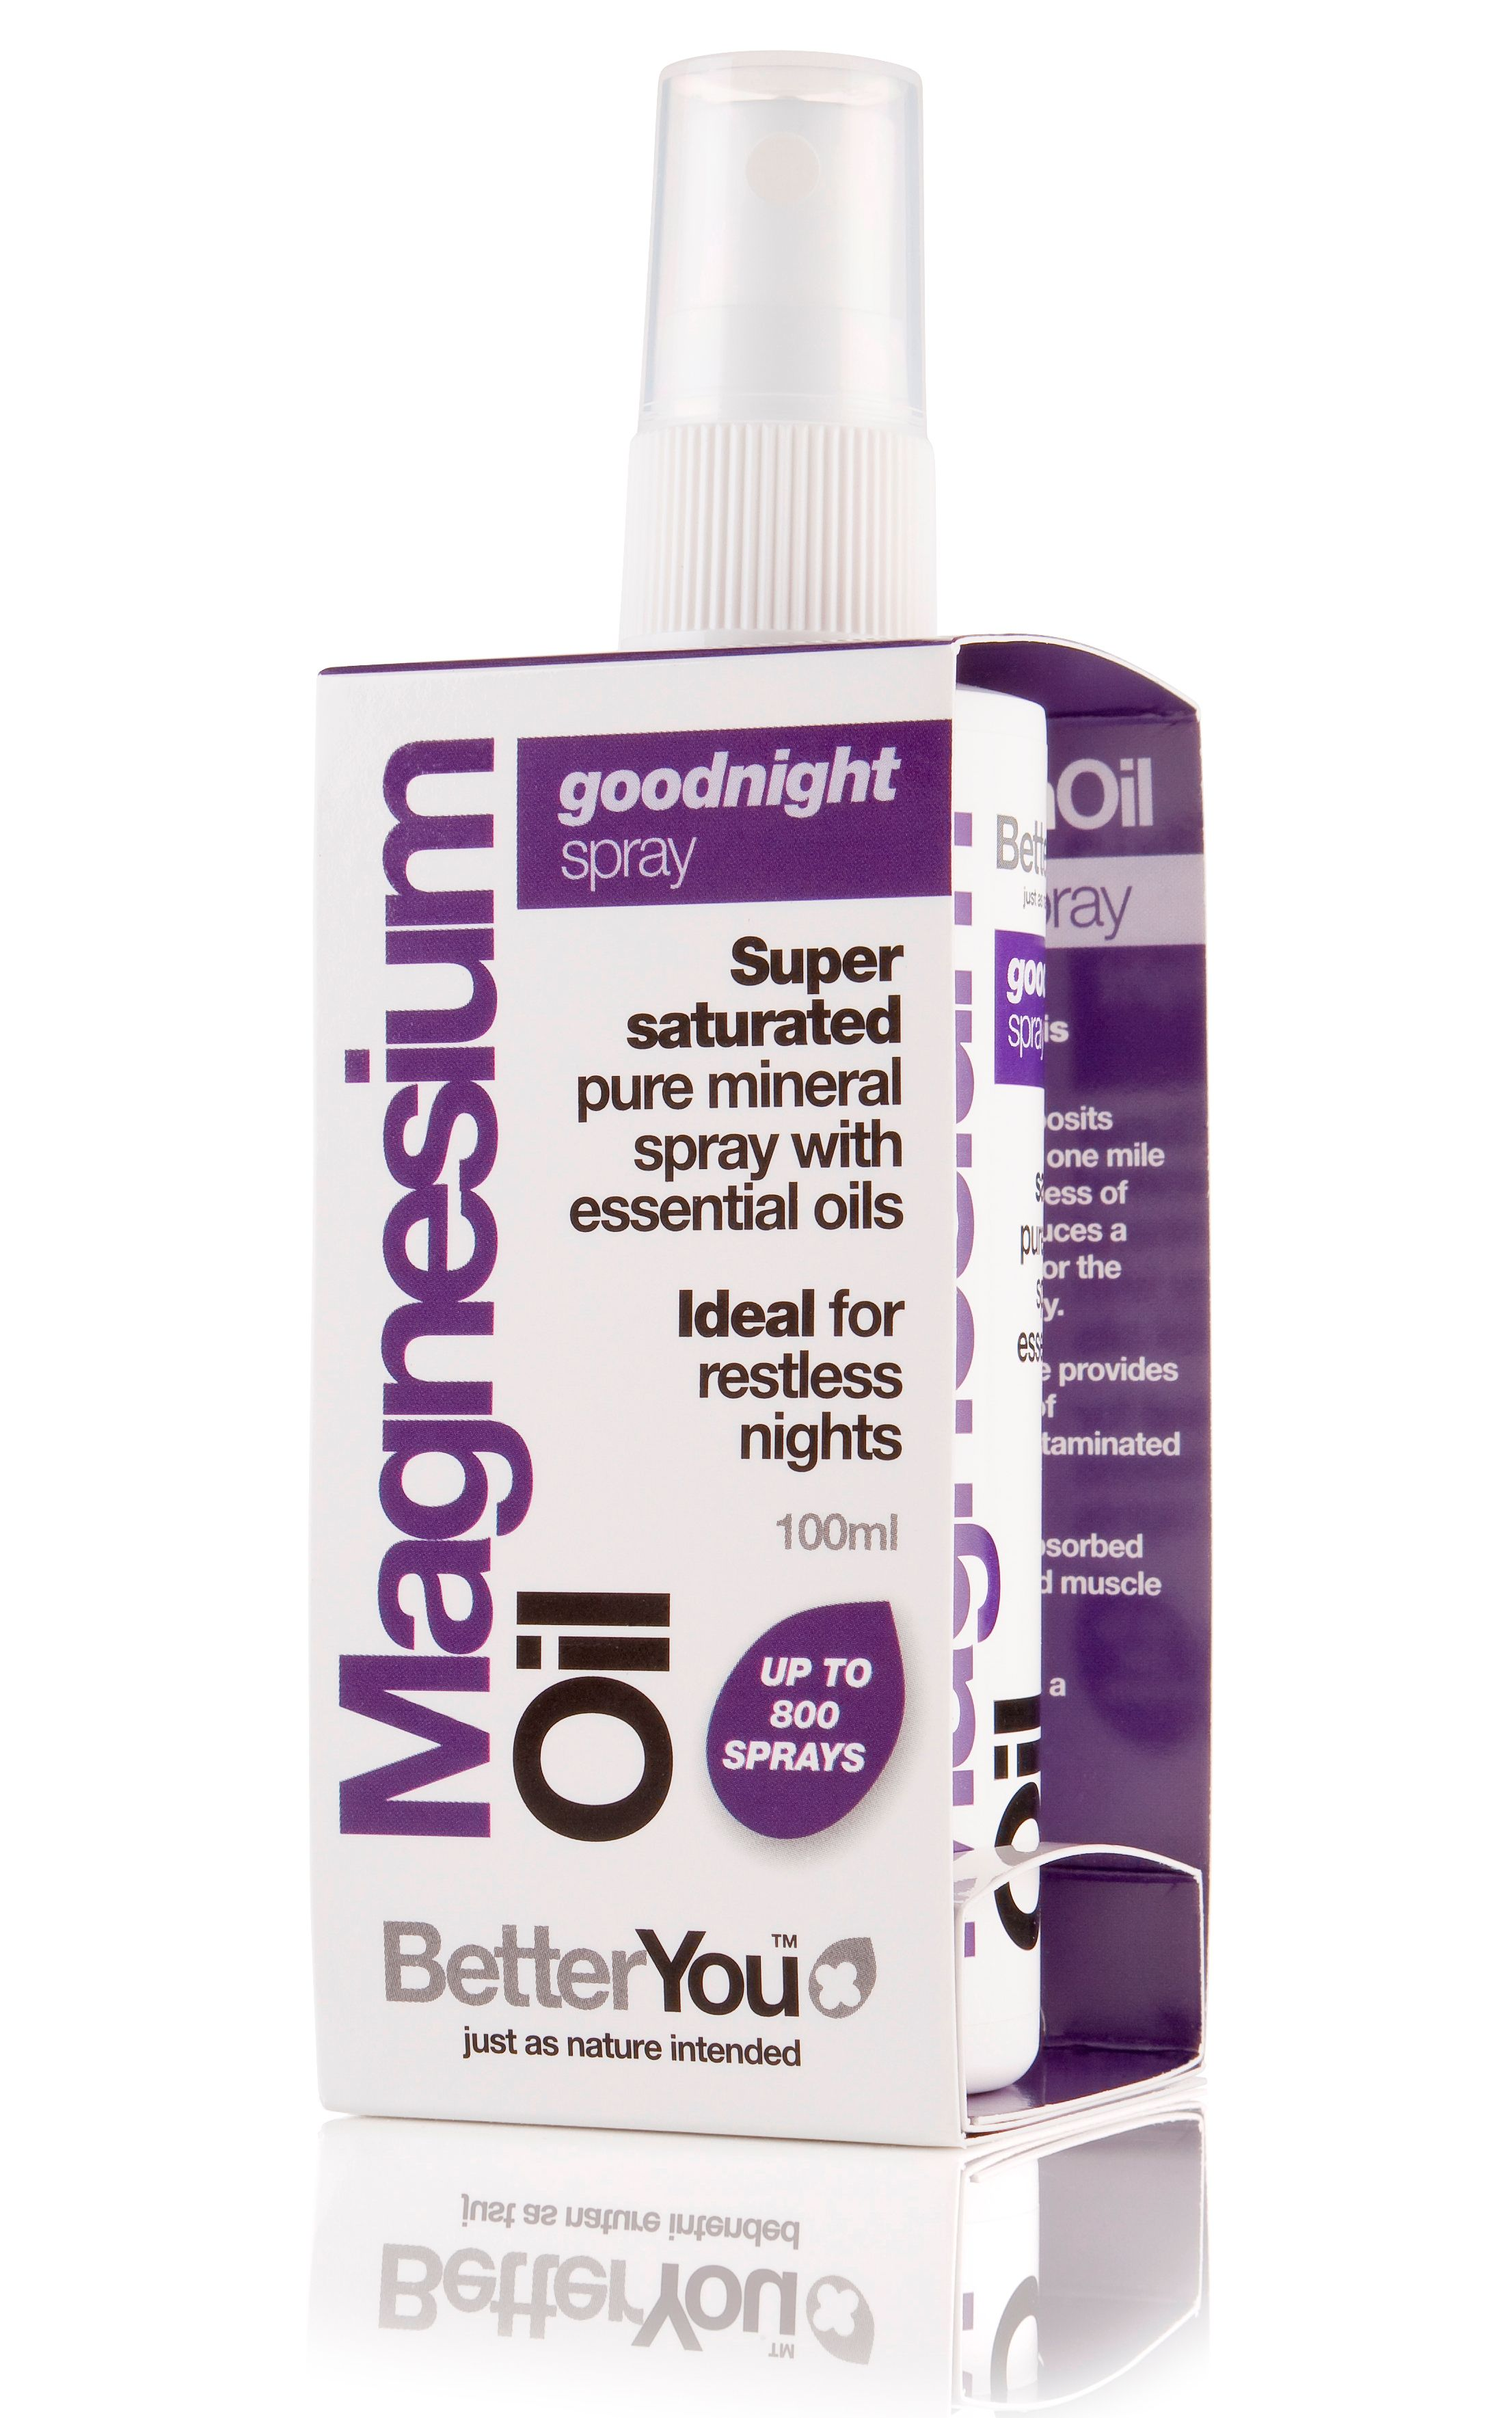 Magnezijum ulje sprej Magnesium oil spray 100ml=1790din u Joga studio Hipokrat Novi Sad